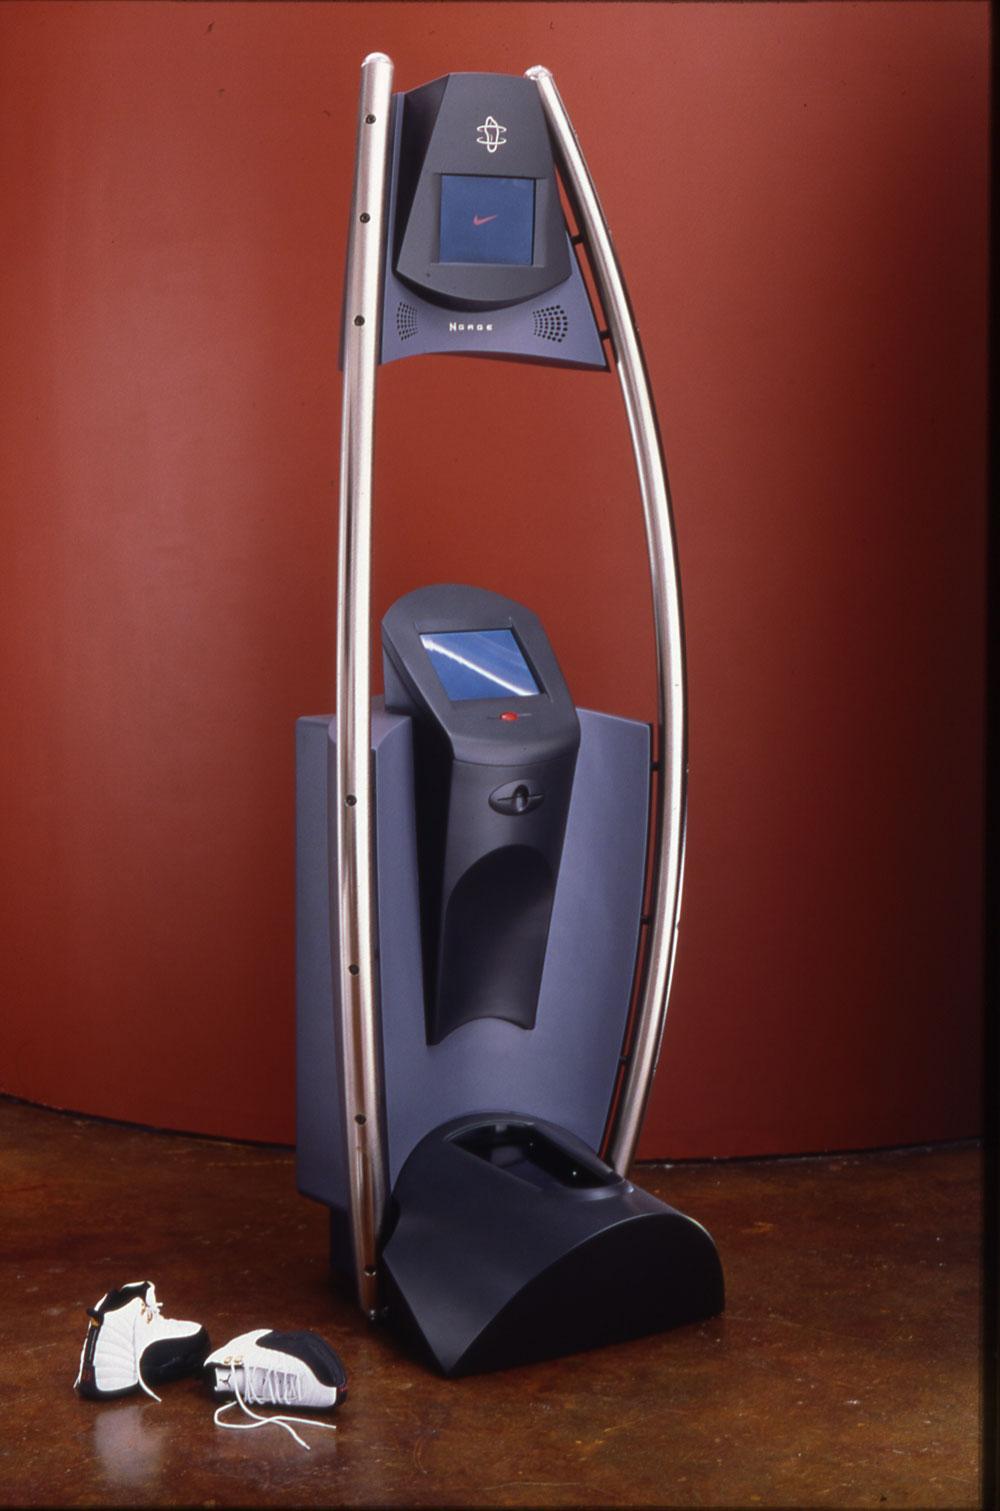 Nike foot scanner prototype